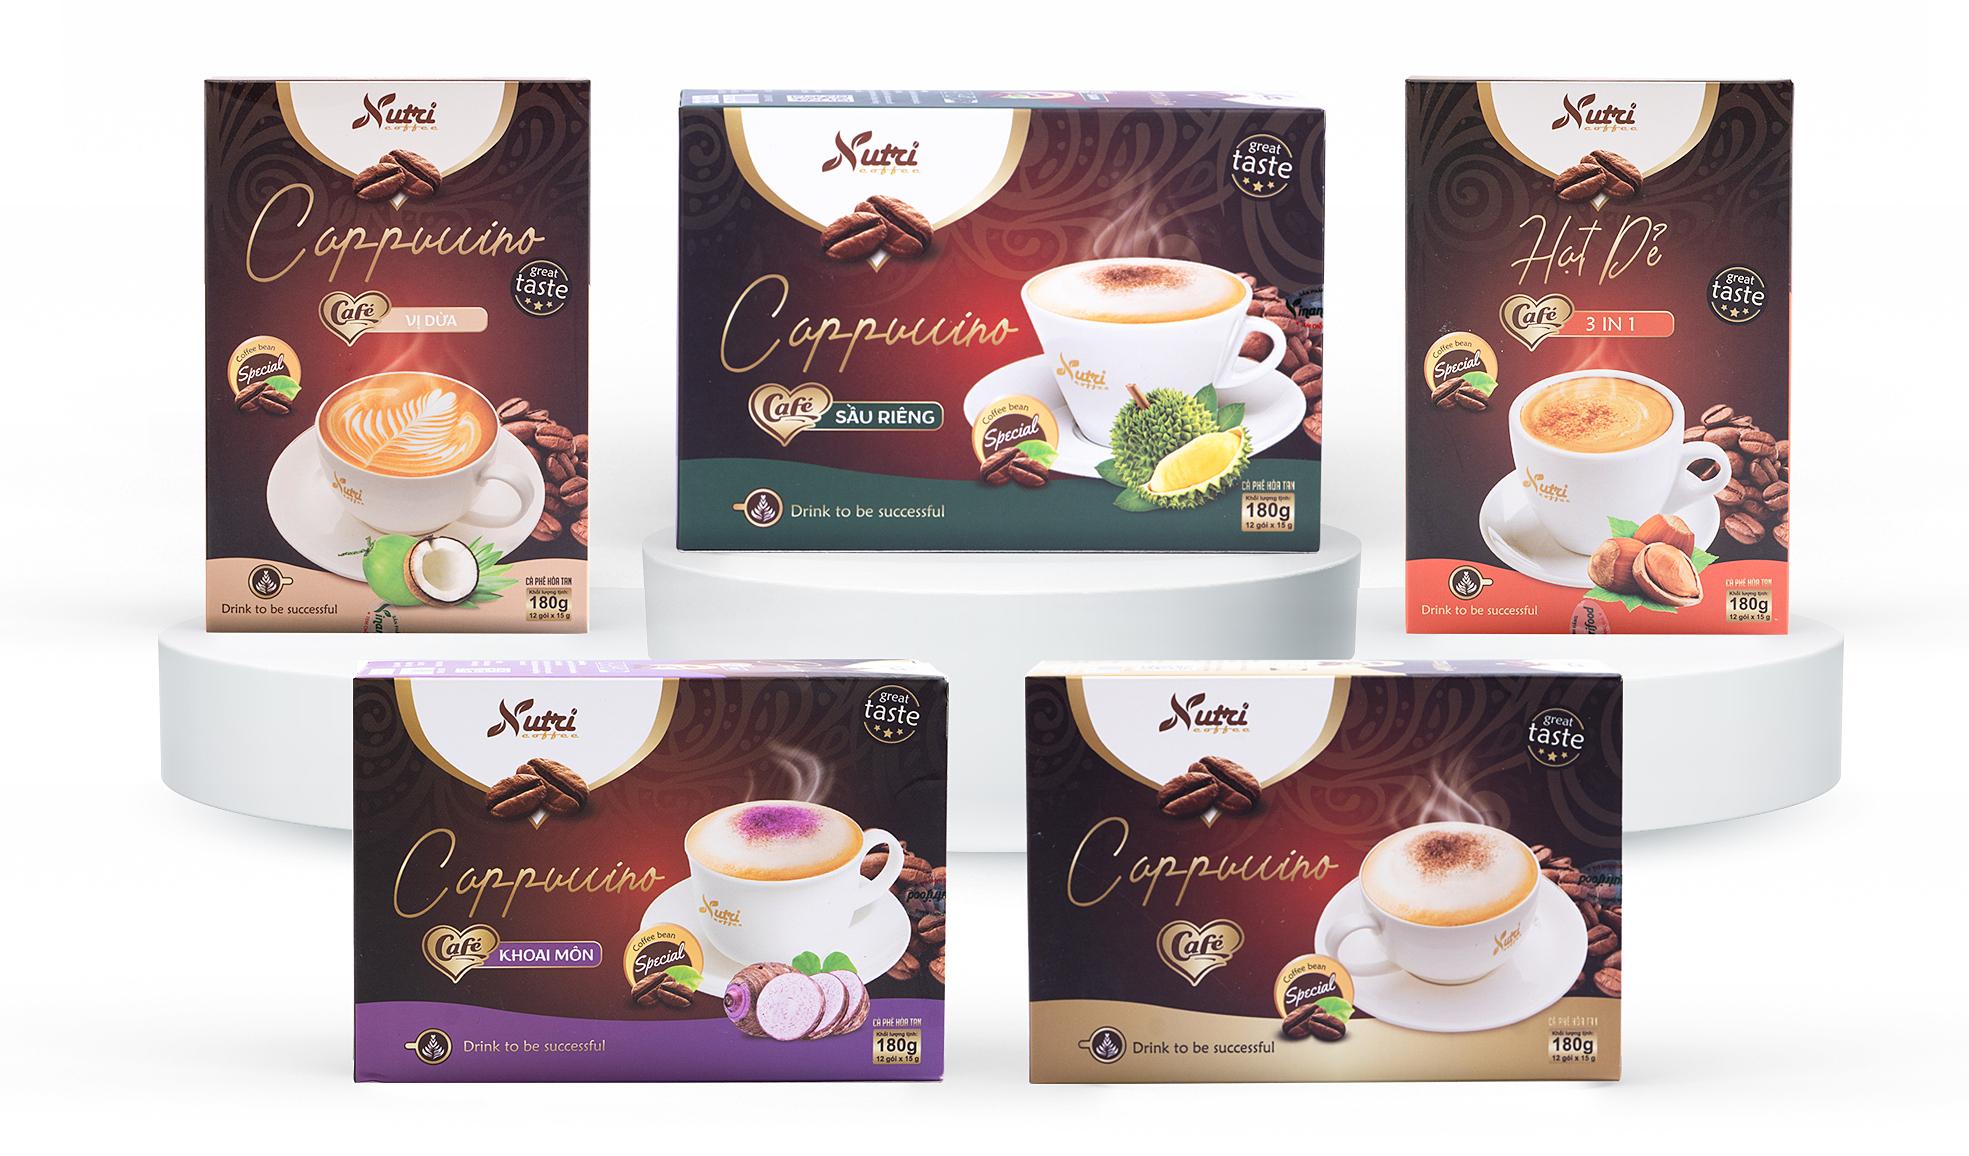 Combo 5 hộp café Capuchino đủ vị giảm 20% còn 263.000 đồng; được pha chế theo cách uống của người Italy với hương vị thơm ngon, đắng nhẹ của café, béo ngậy của bột sữa. Mỗi hộp Café Cappuccino có chứa 12 gói, mỗi gói 15 gram bao gồm: bột kem thực vật (non dairy creamer): 36%; đường tinh luyện 30%; bột kem tạo bọt 20%; bột cà phê hòa tan 12%; phụ gia muối, màu caramen, hương cà phê tổng hợp vừa đủ một gói.Sản phẩm dùng nóng: pha một gói với 40- 60 ml nước nóng hoặc ấm, khuấy đều và thưởng thức. Dùng lạnh: pha 2 gói với 40-60 ml nước nóng hoặc ấm sau đó thêm đá. Có thể dùng đậm hoặc nhạt hơn theo nhu cầu.Tặng một hộp Trà hoa cúc la mã Vinanutrifood cho đơn hàng từ 200.000 đồng (tích chọn quà khi thanh toán - số lượng có hạn).